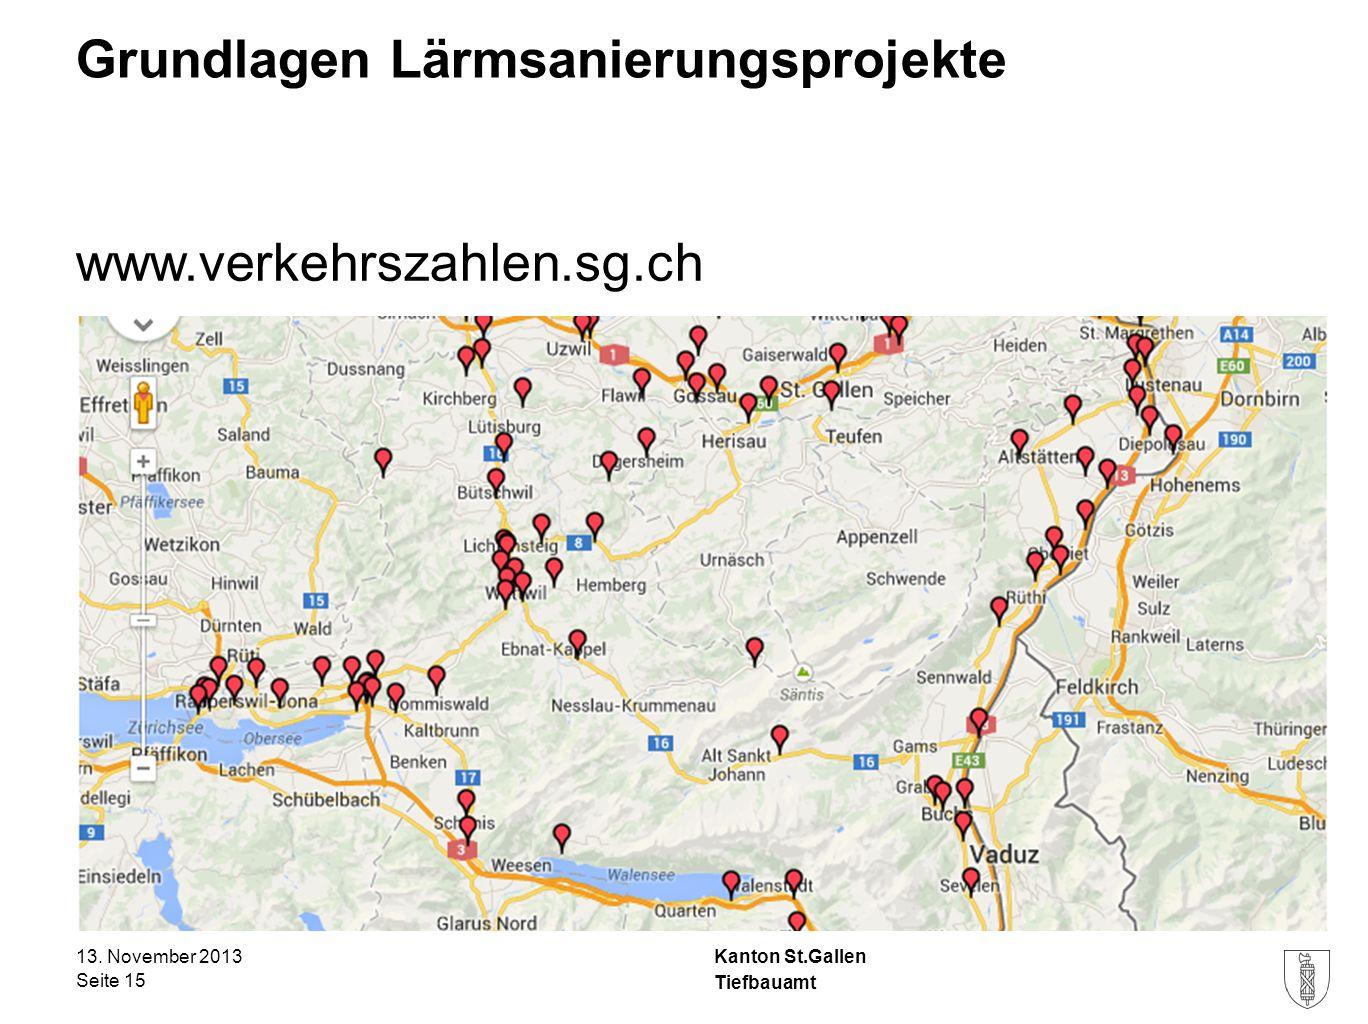 Kanton St.Gallen Grundlagen Lärmsanierungsprojekte www.verkehrszahlen.sg.ch 13. November 2013 Seite 15 Tiefbauamt